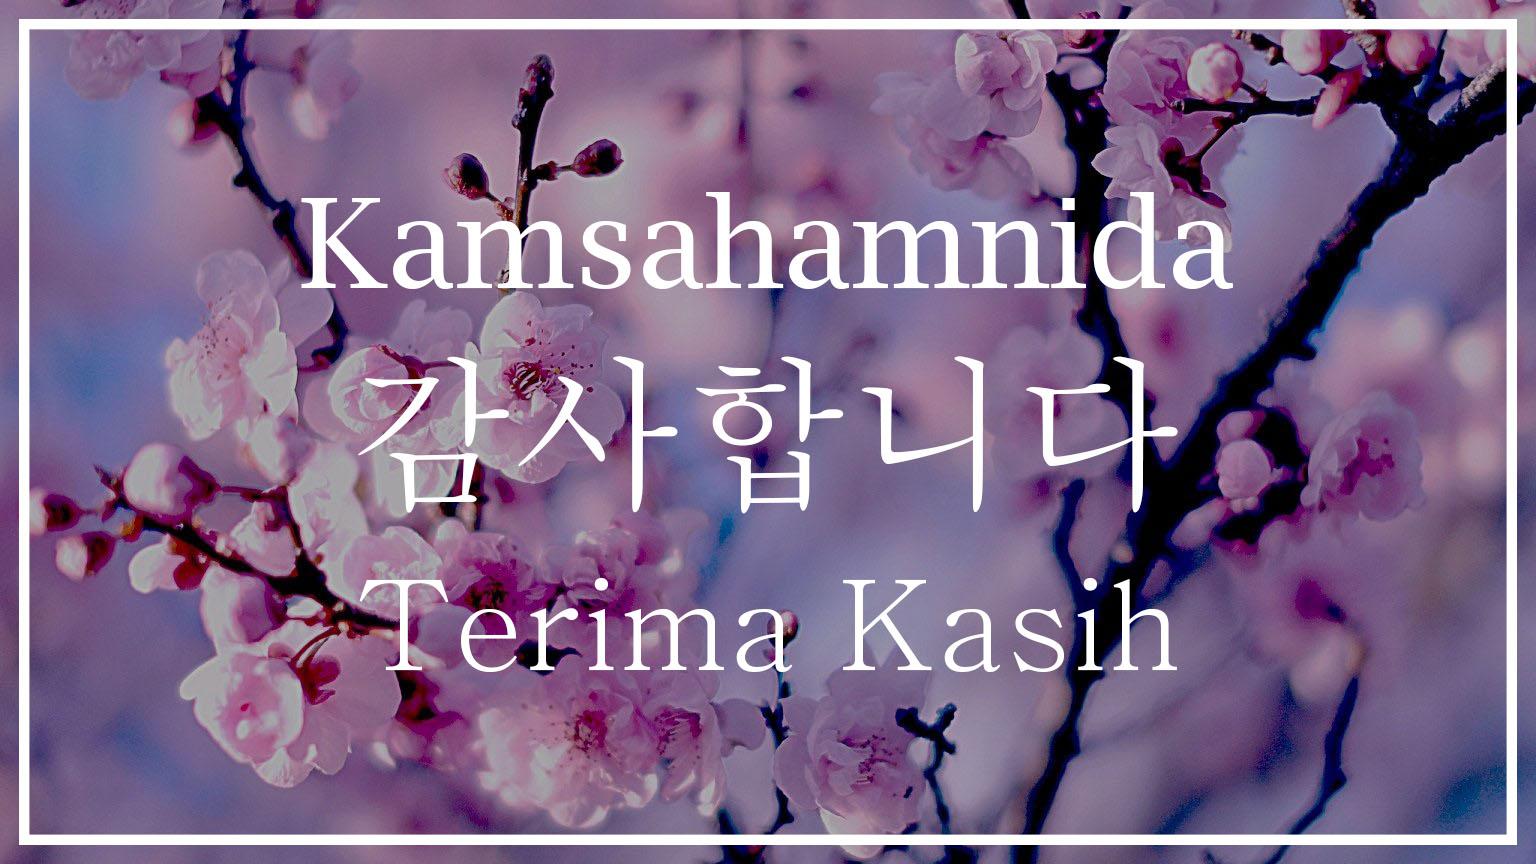 Arti Kamsahamnida